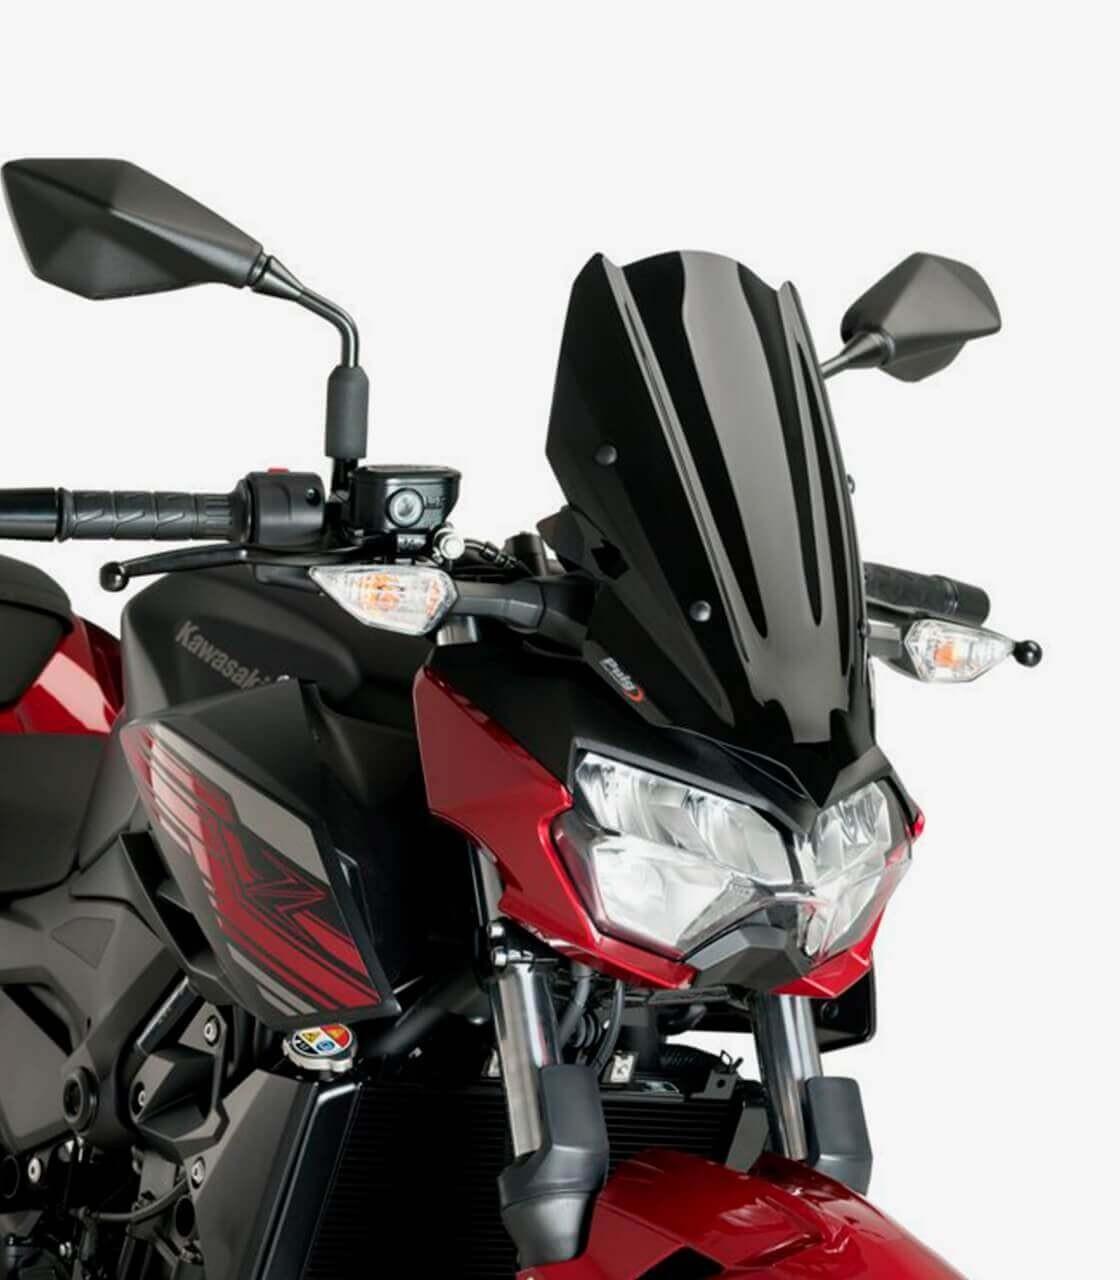 Kawasaki Vulcan S Puig Naked New Generation Sport Black